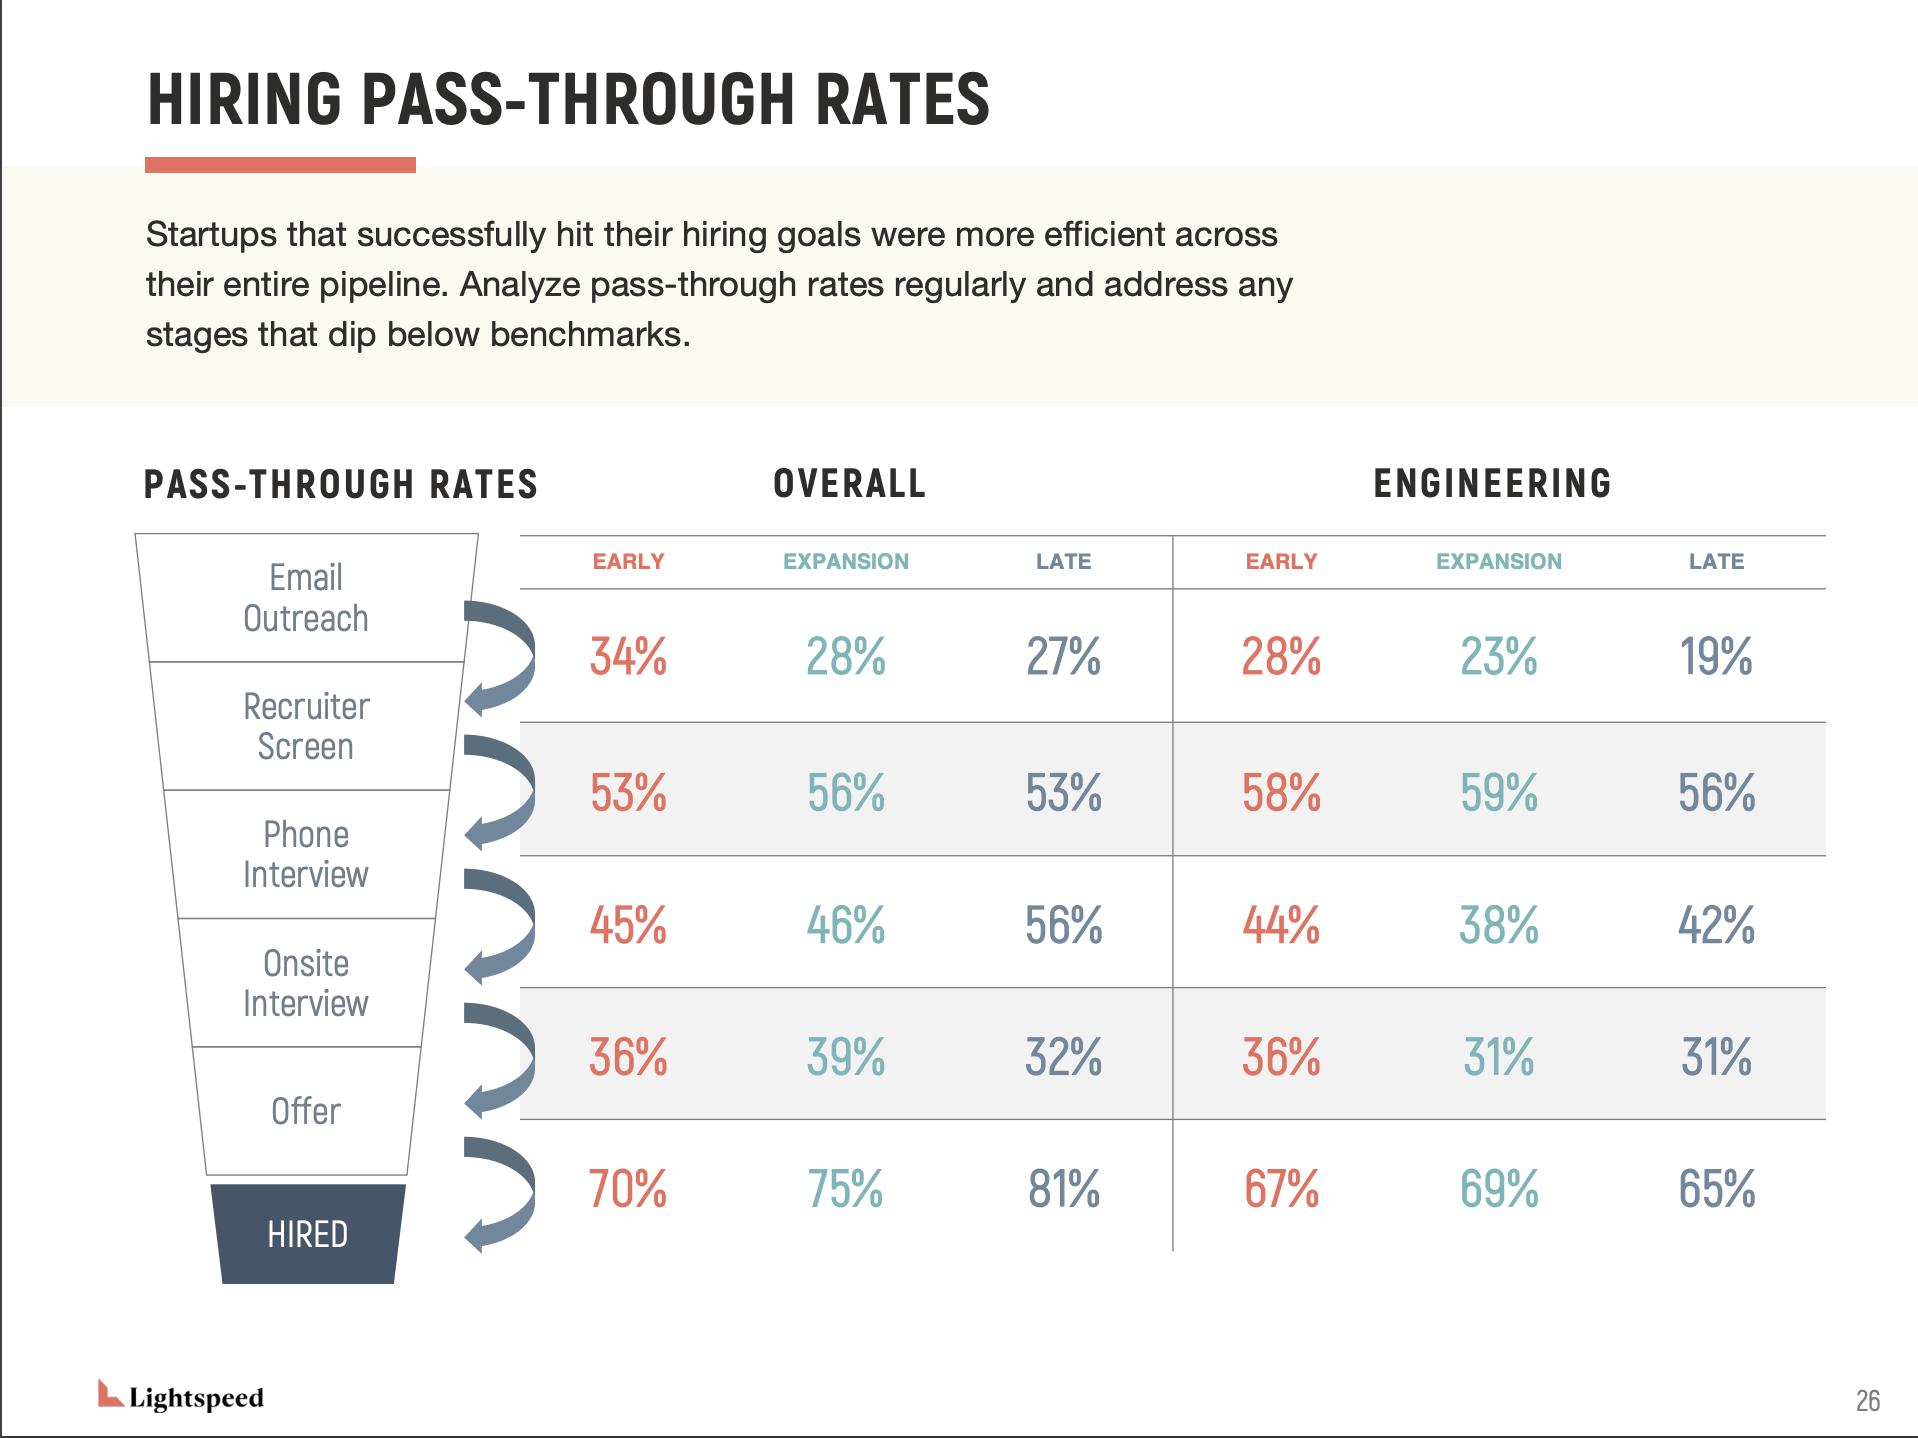 Startup pass-through rates